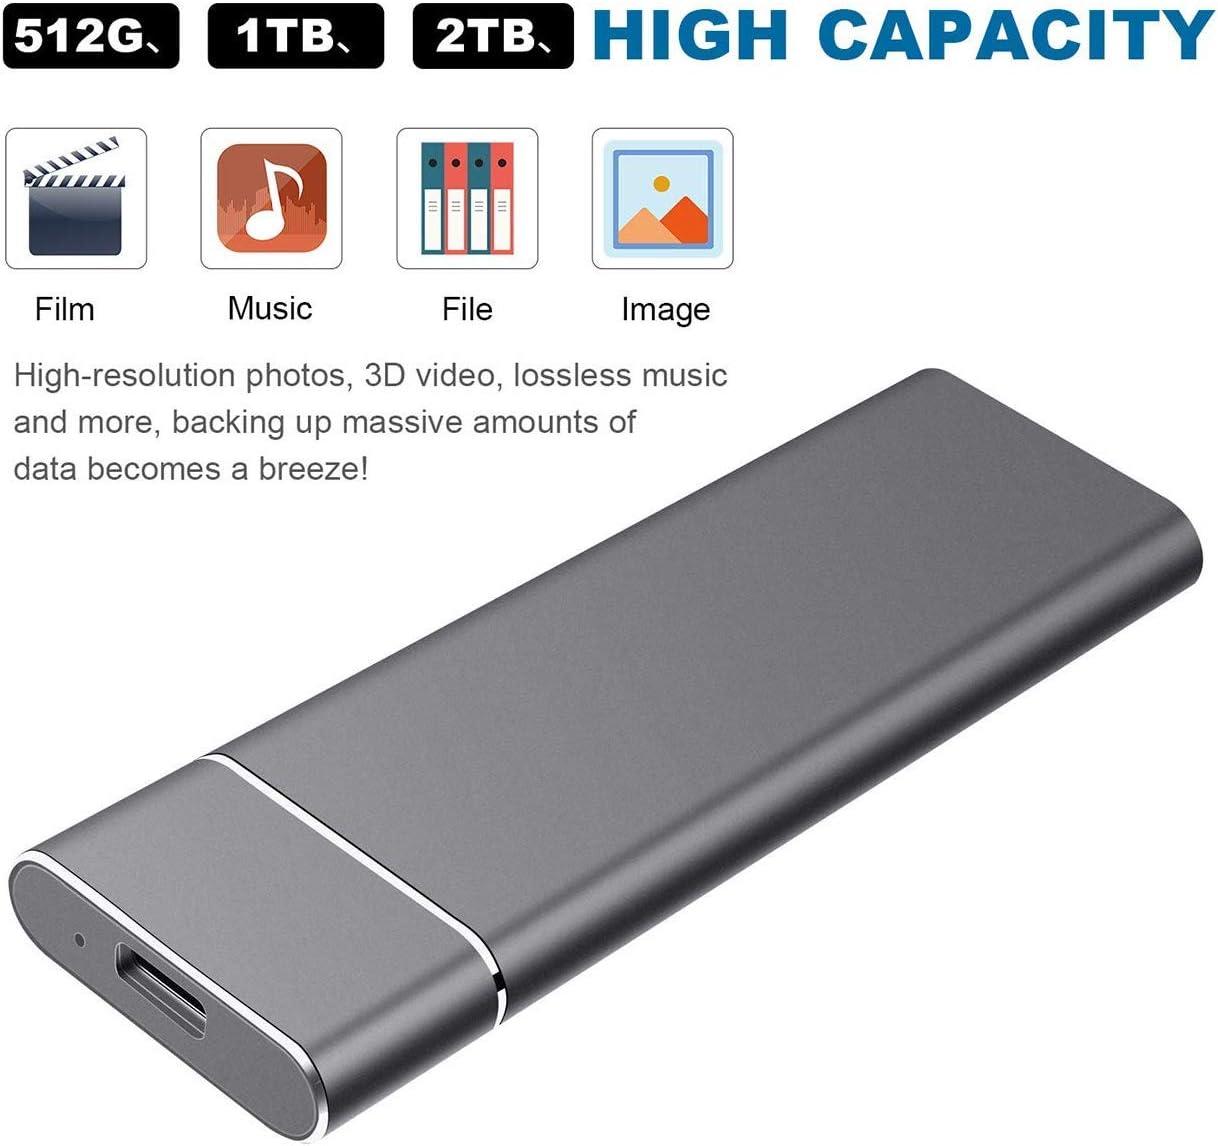 laptop e PC disco rigido ultra sottile Disco rigido esterno USB 3.1 compatibile con Mac Disco rigido esterno da 2 TB Disco rigido esterno portatile desktop 2TB, Silver